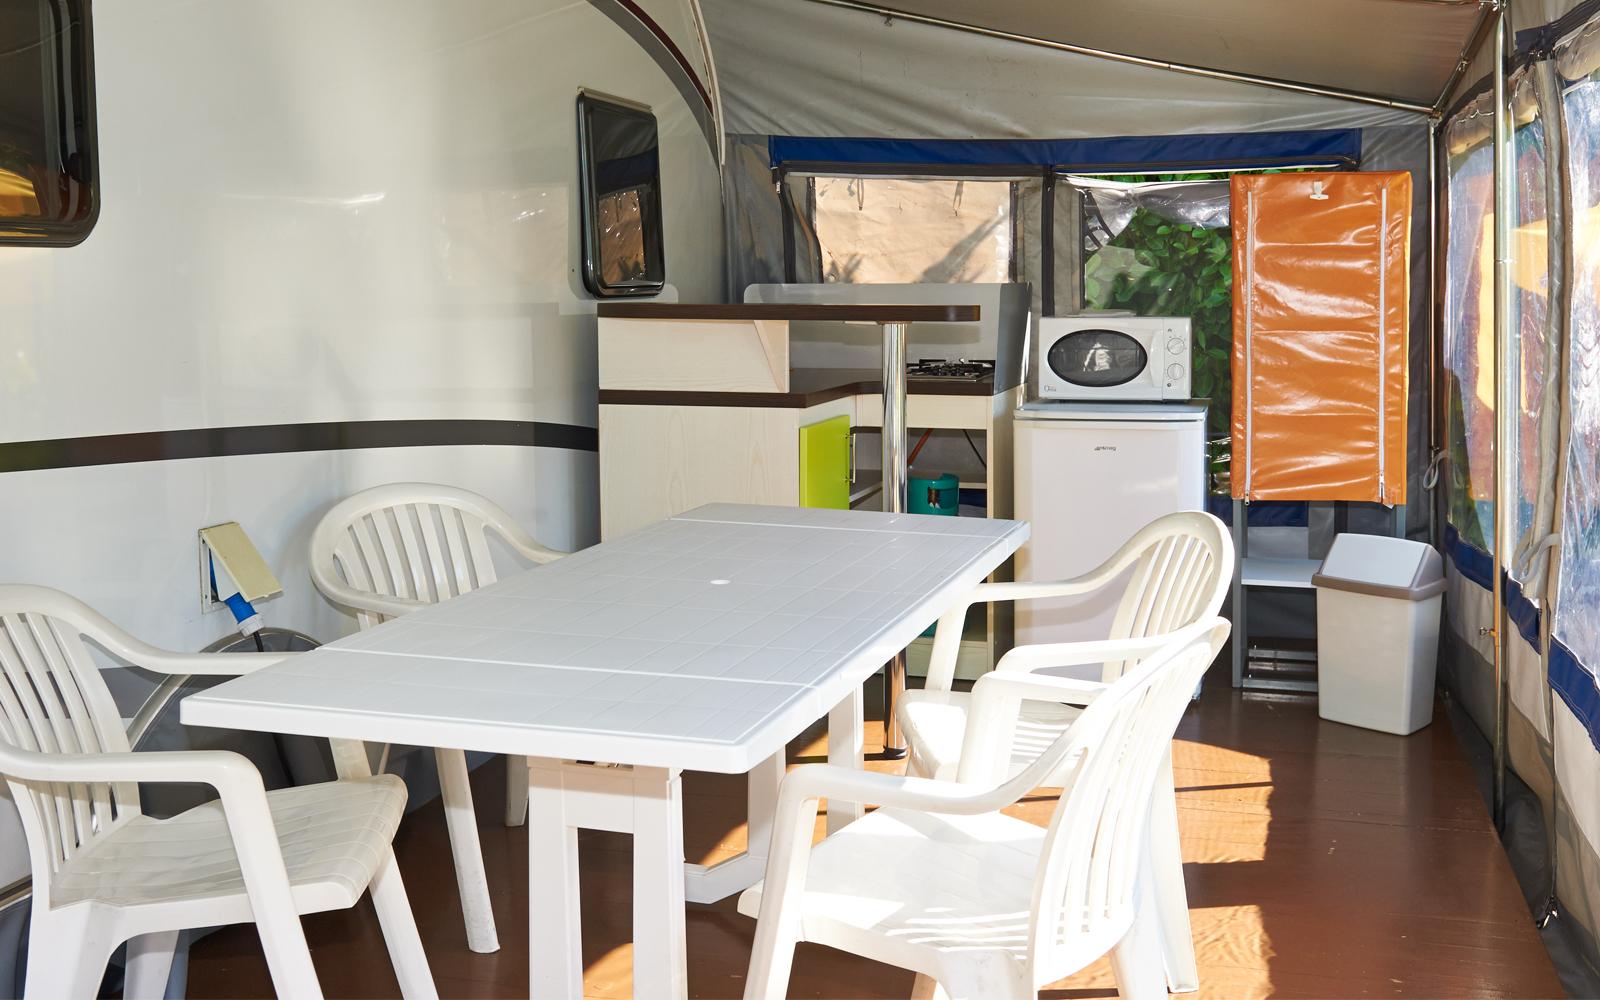 Outdoorküche Mit Spüle Reinigen : Wohnwagen outdoor küche. wasserhahn franke küche deckenregal